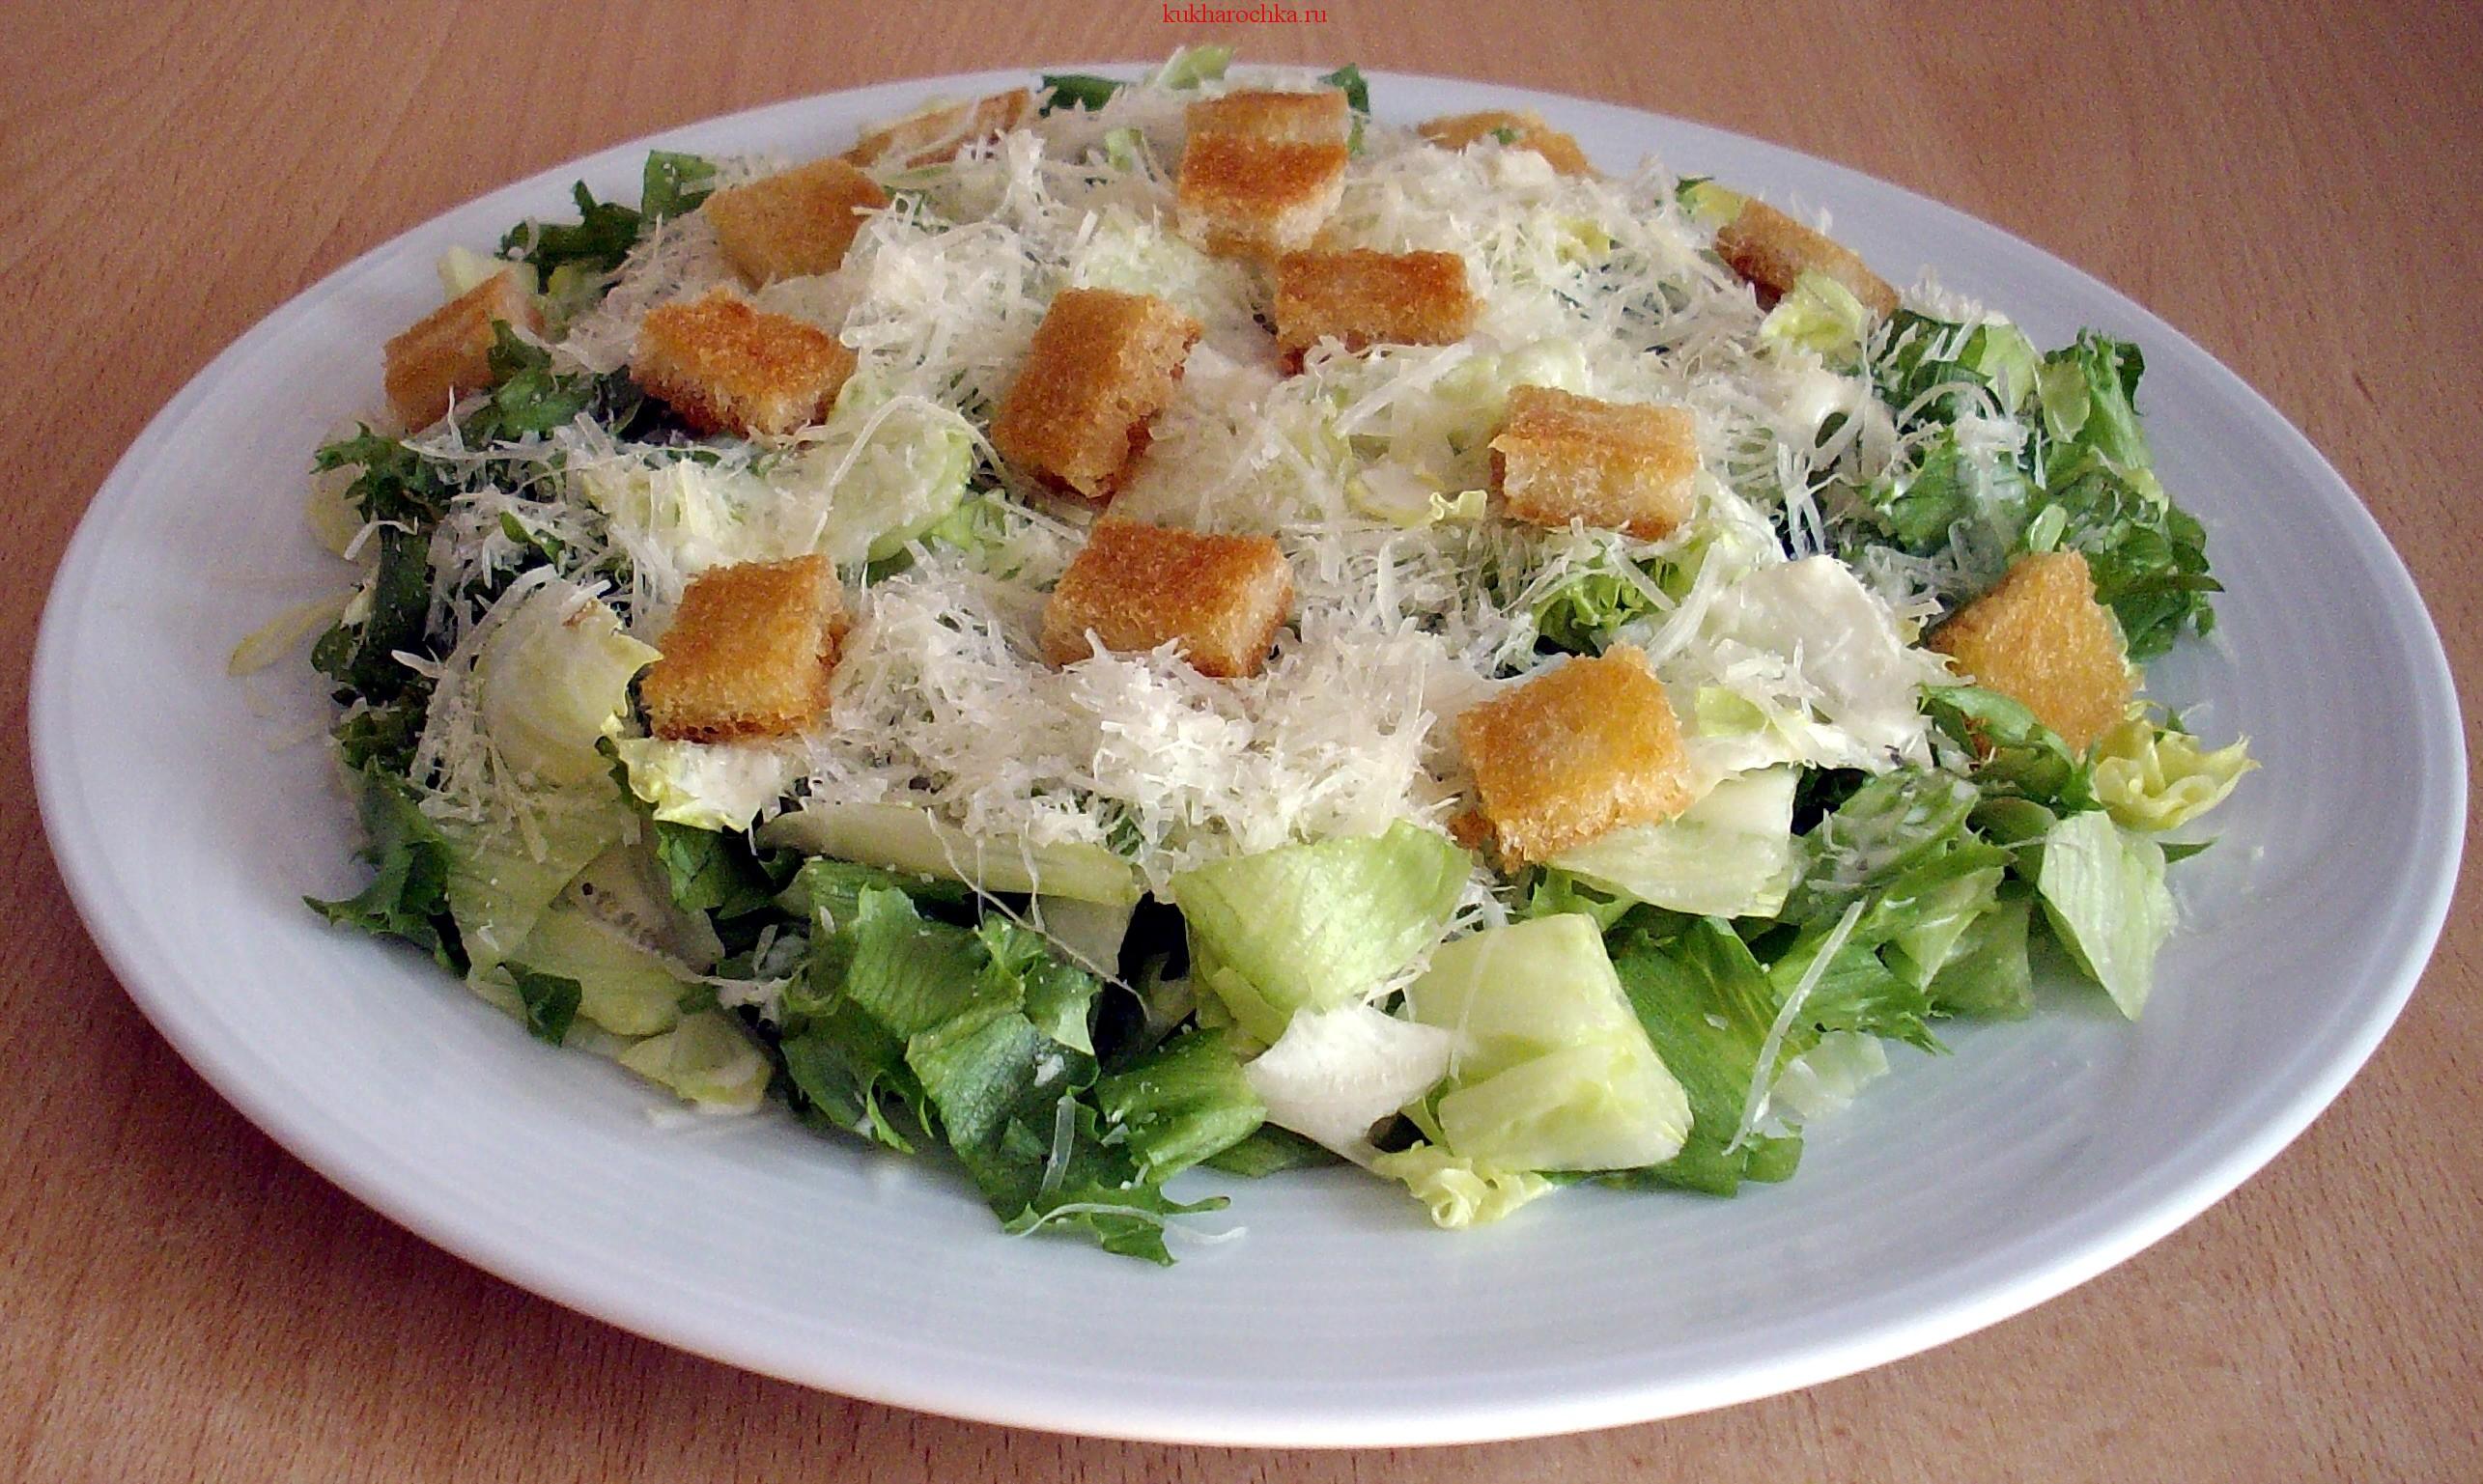 Жирные салаты тоже могут быть диетическими